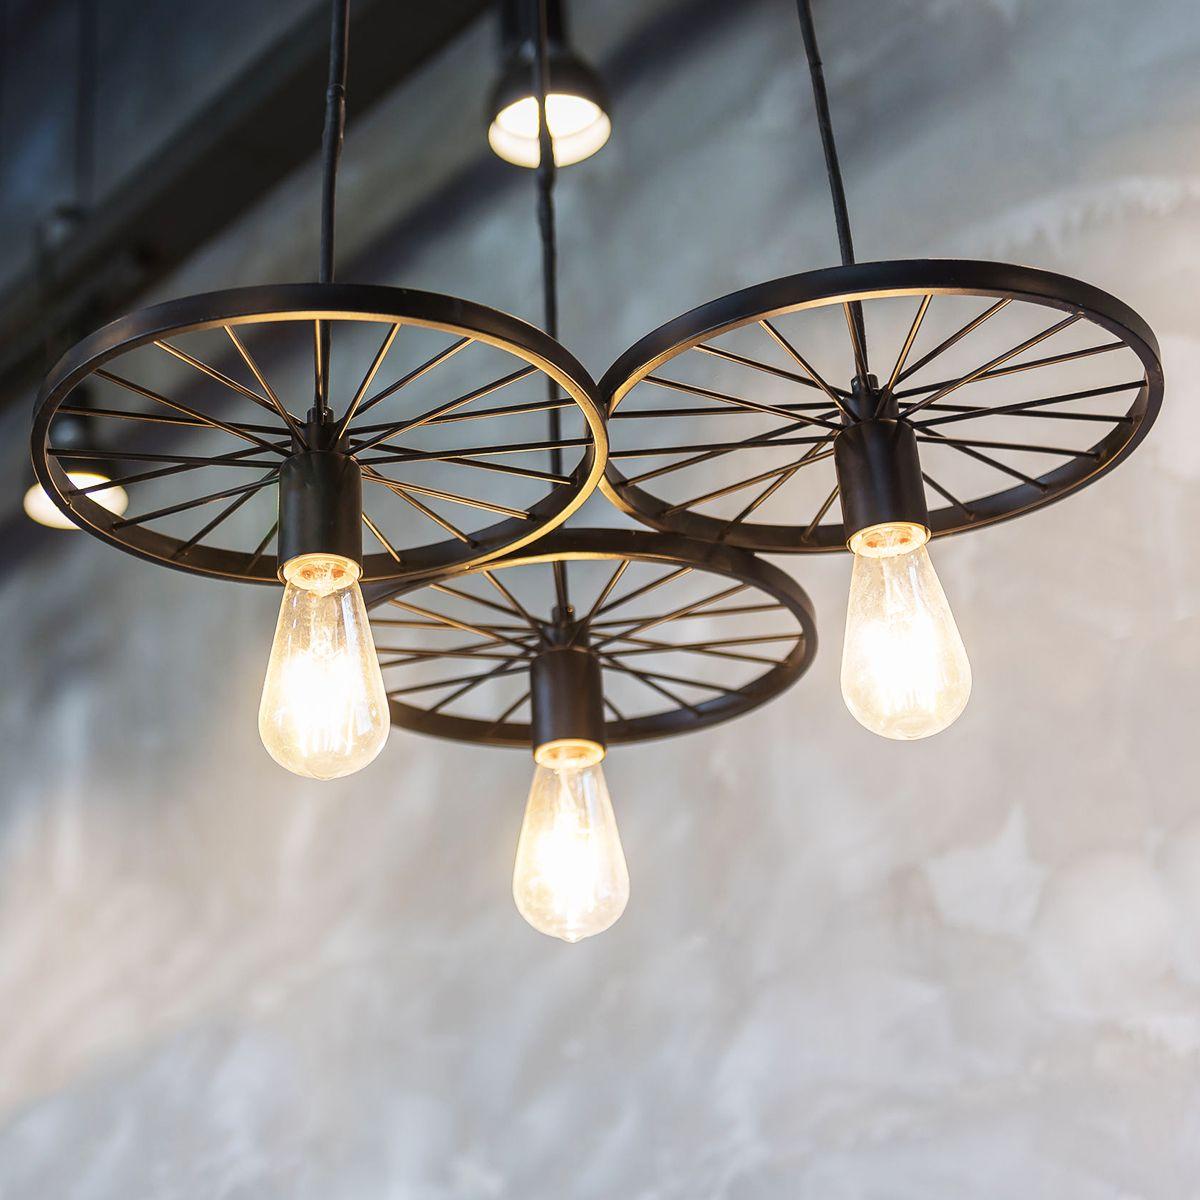 retrouvez ce super diy luminaire sur notre forum le coin. Black Bedroom Furniture Sets. Home Design Ideas